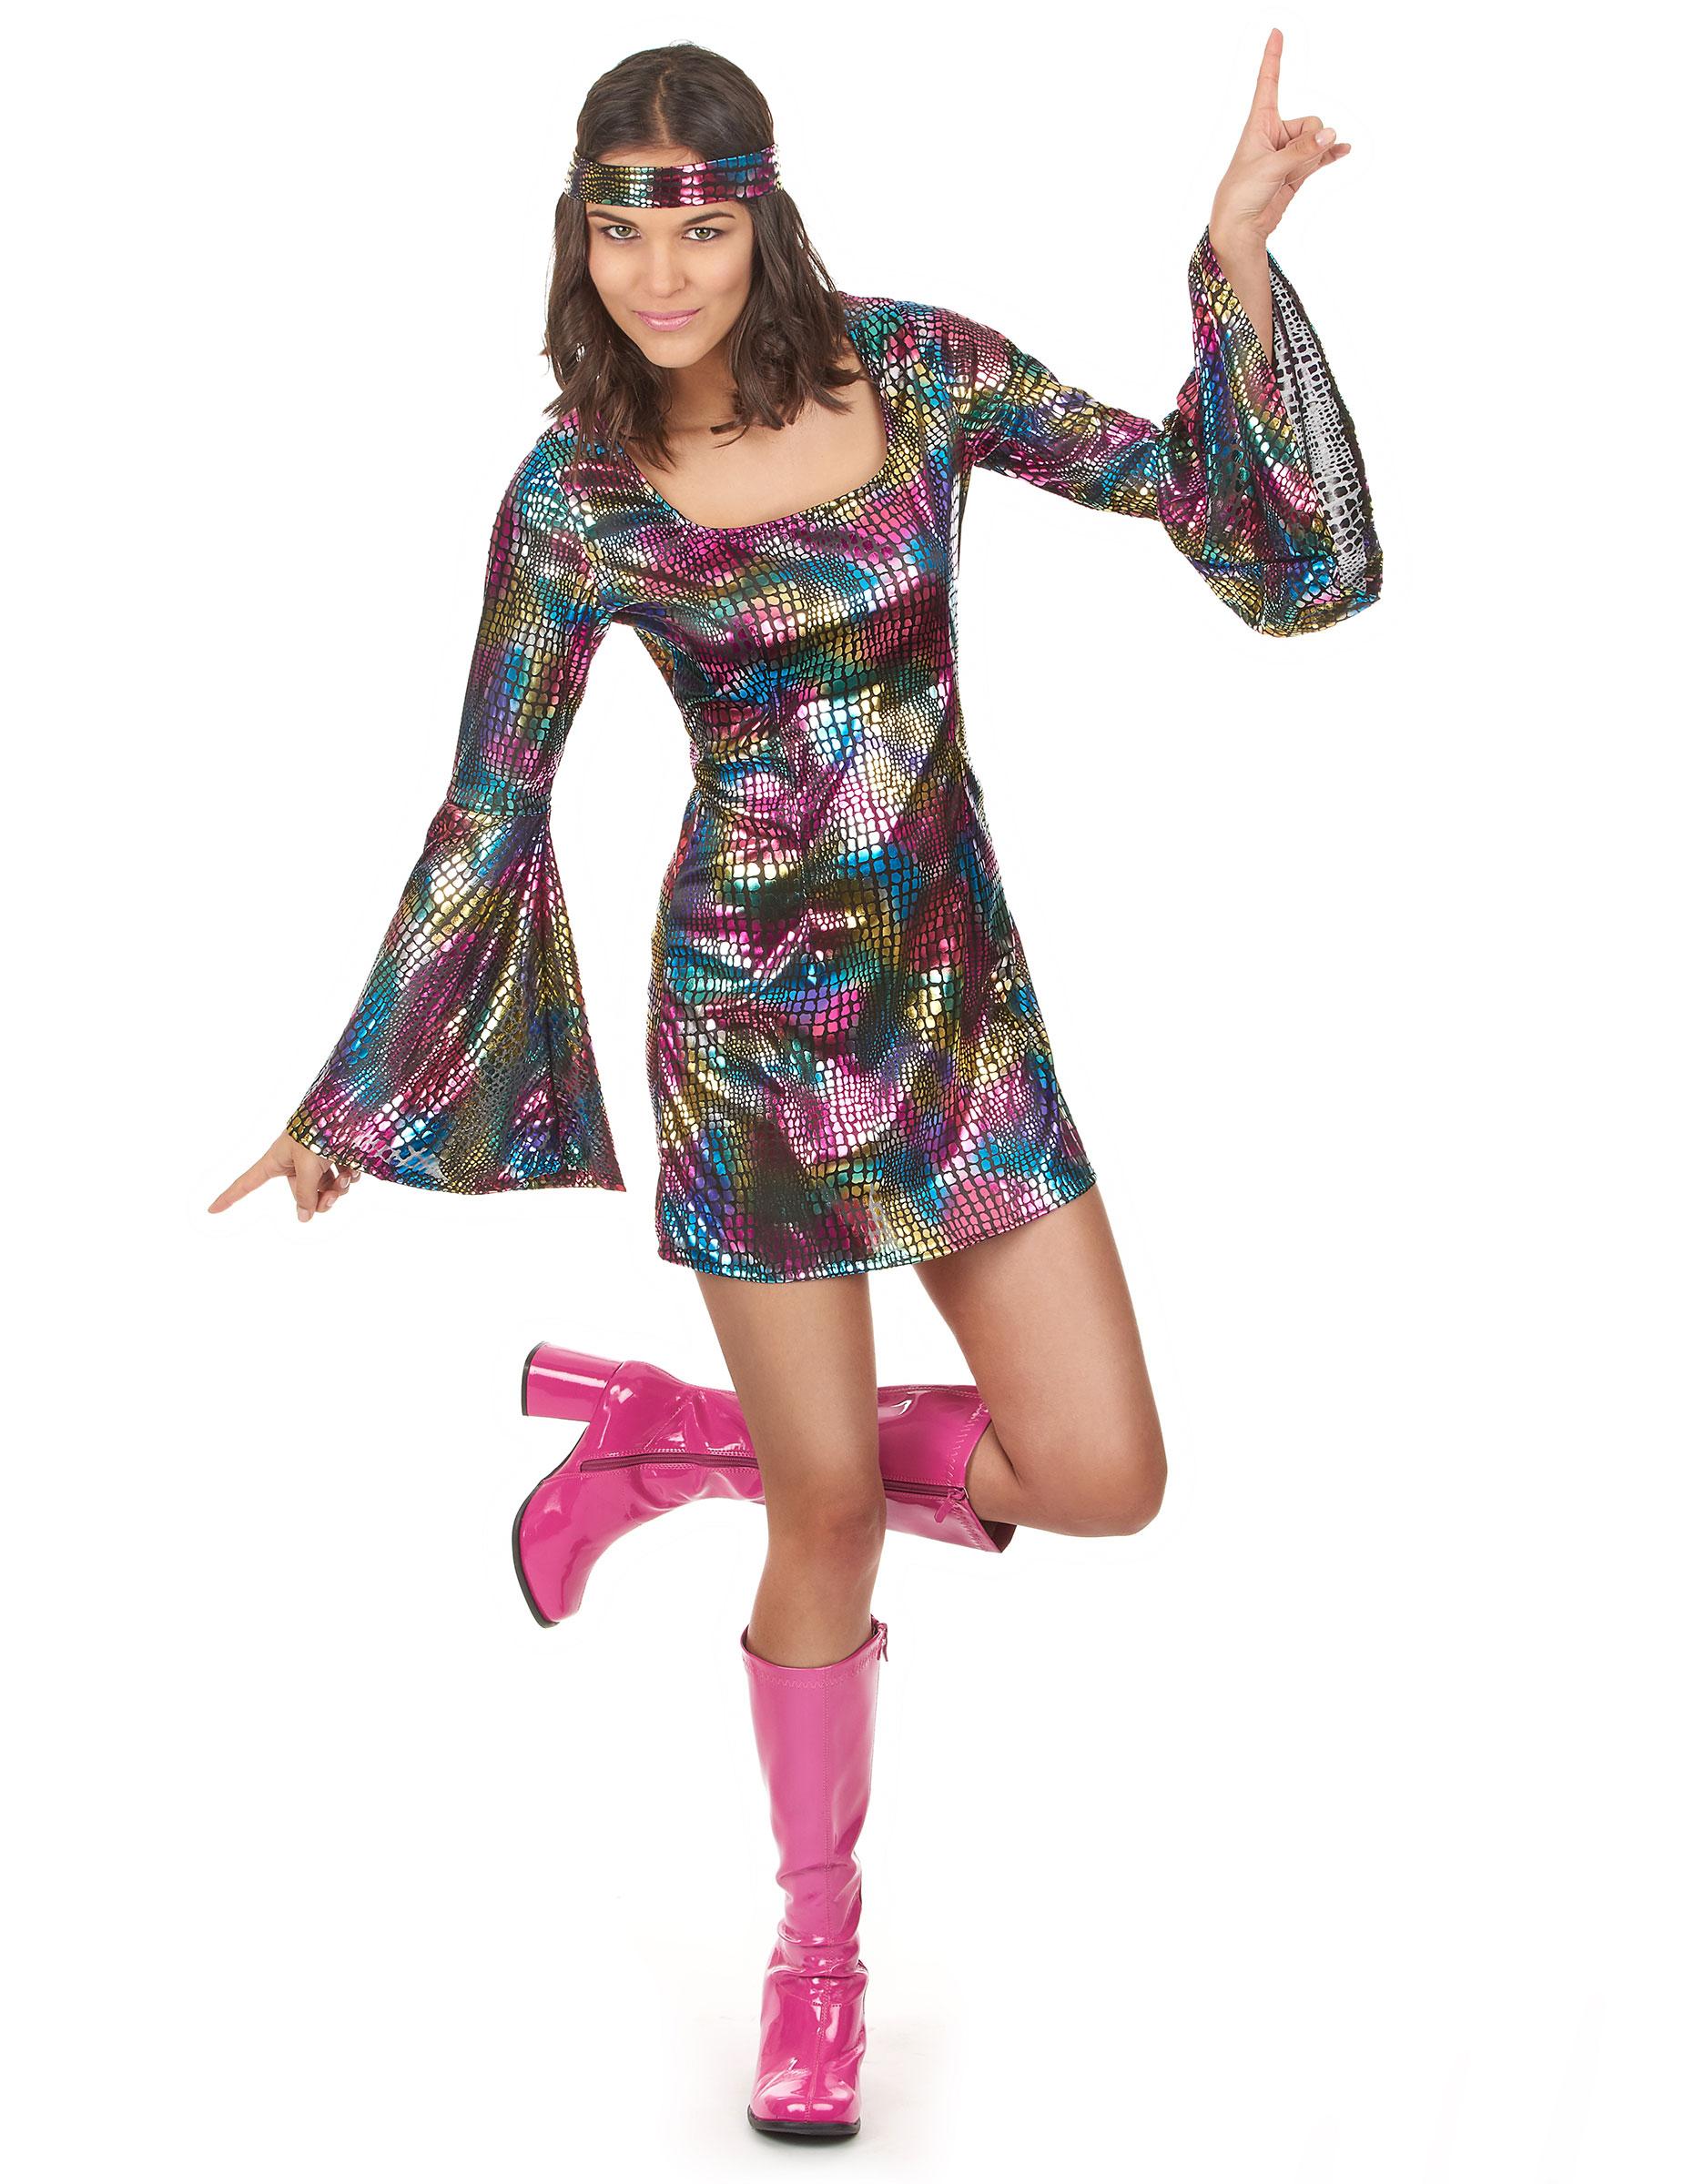 972004daa5f10 Anni 60 vestiti - Travestimenti per carnevale e festa per adulti